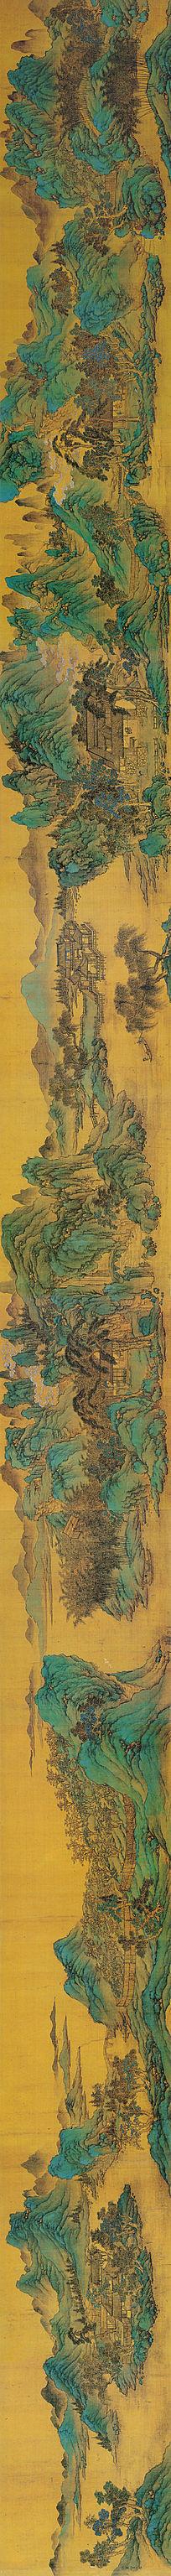 明 仇英《辋川十景图》高清国画